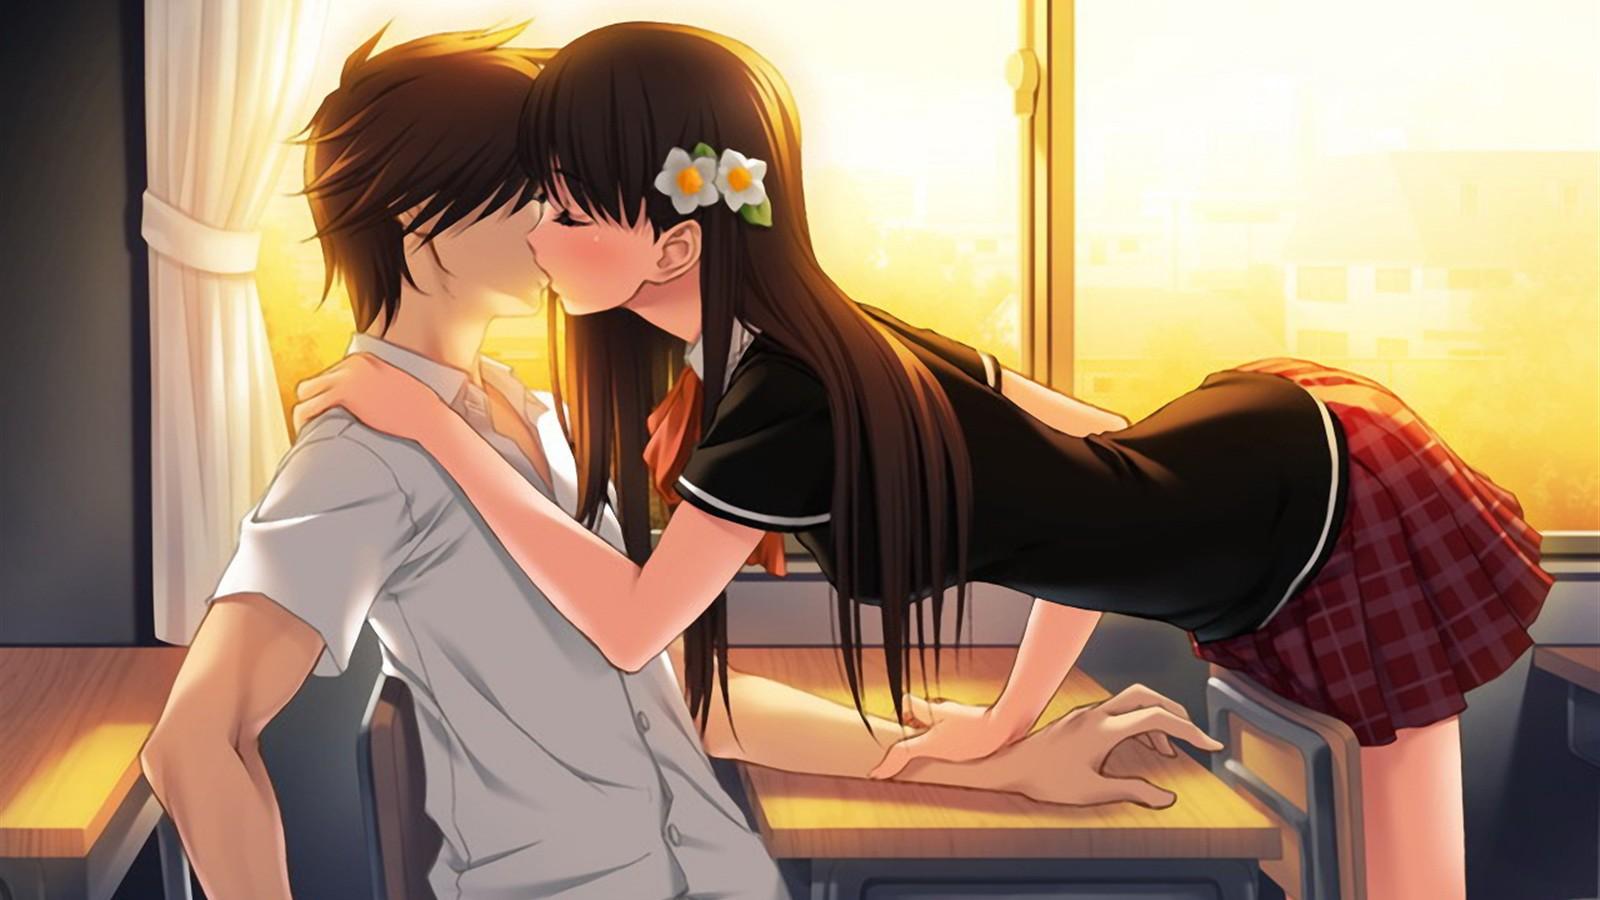 一个女生喜欢一男生1年,以为是真爱,可他对她毫不在意